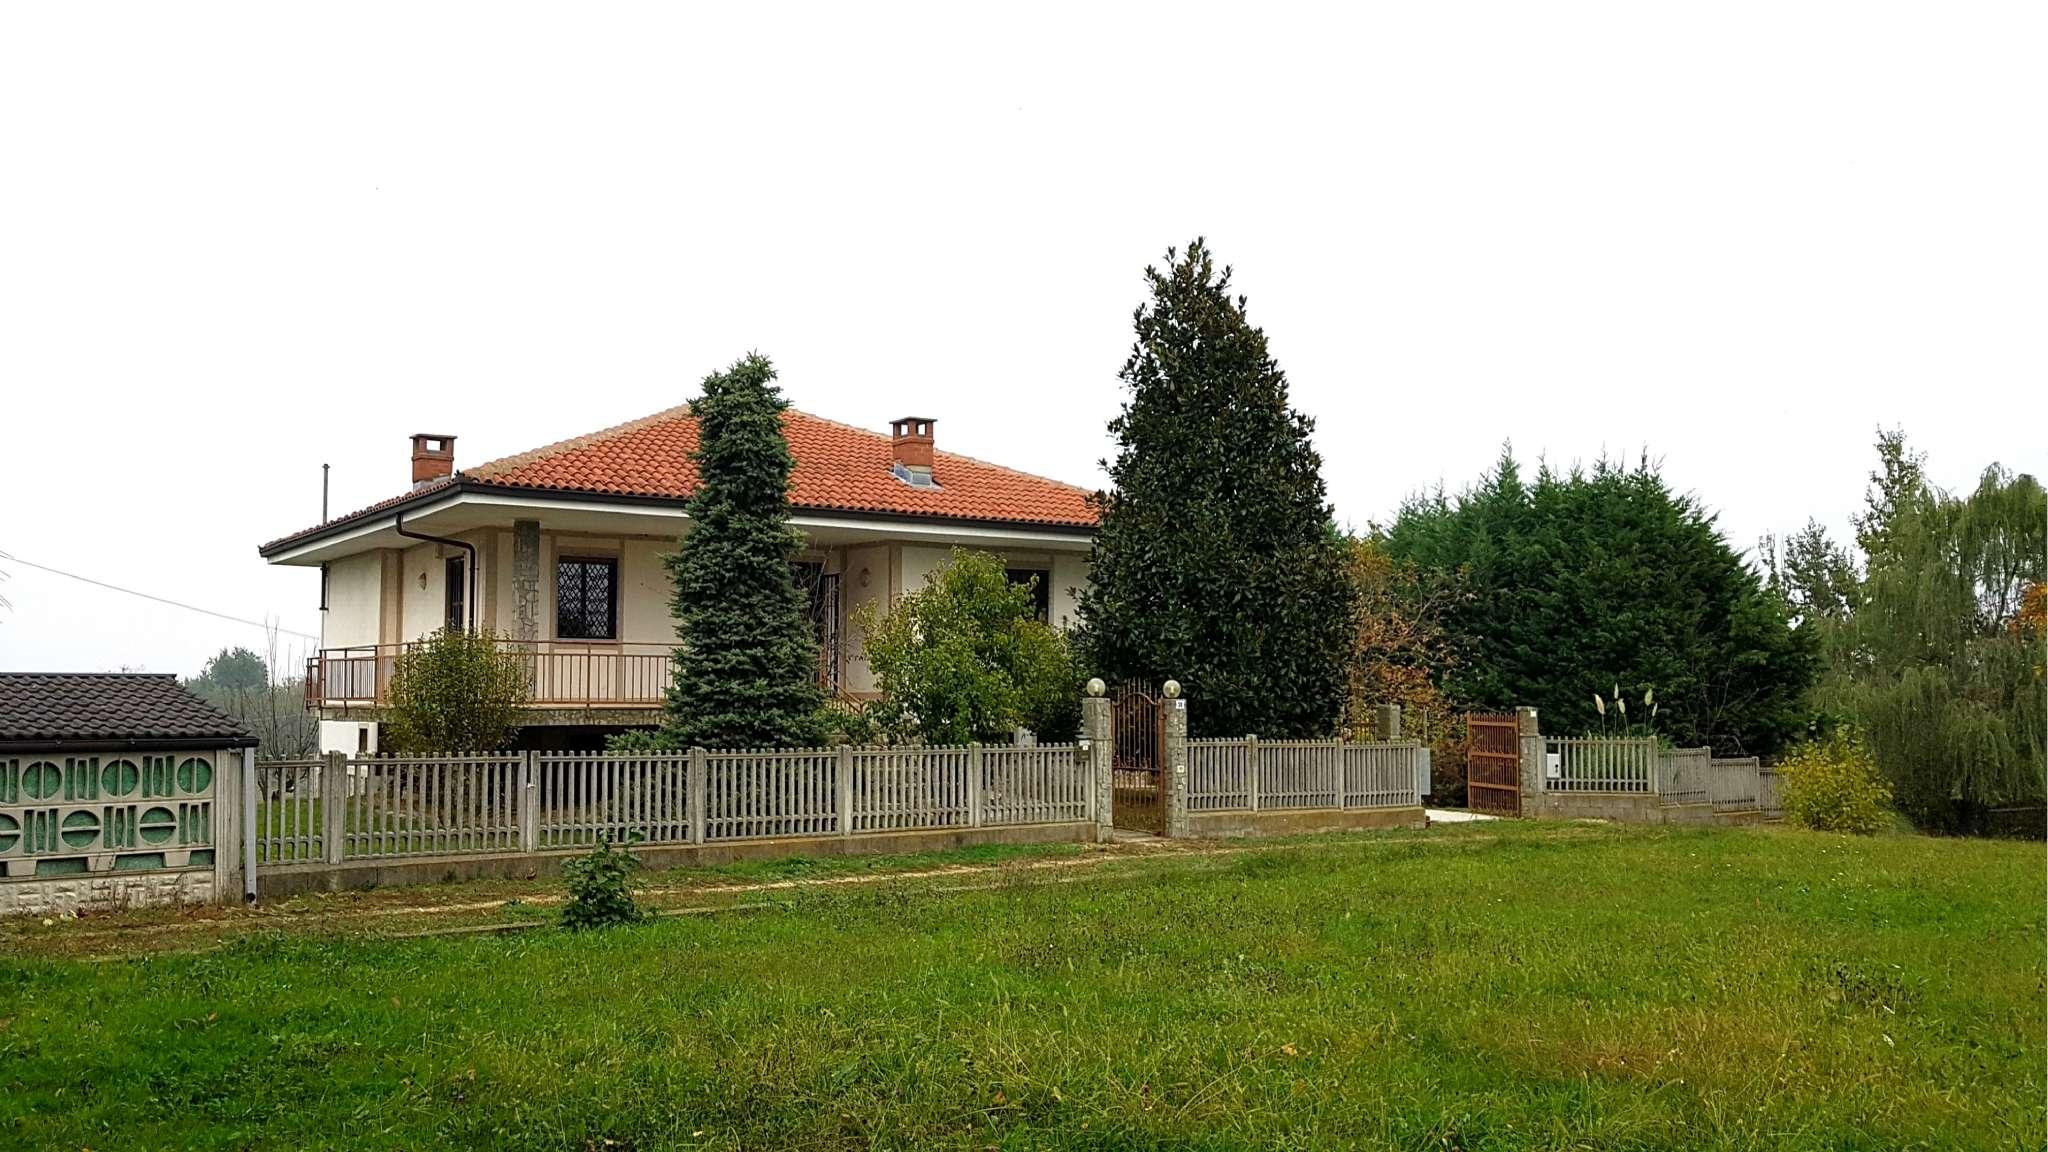 Villa in vendita a Cellarengo, 5 locali, prezzo € 165.000 | CambioCasa.it